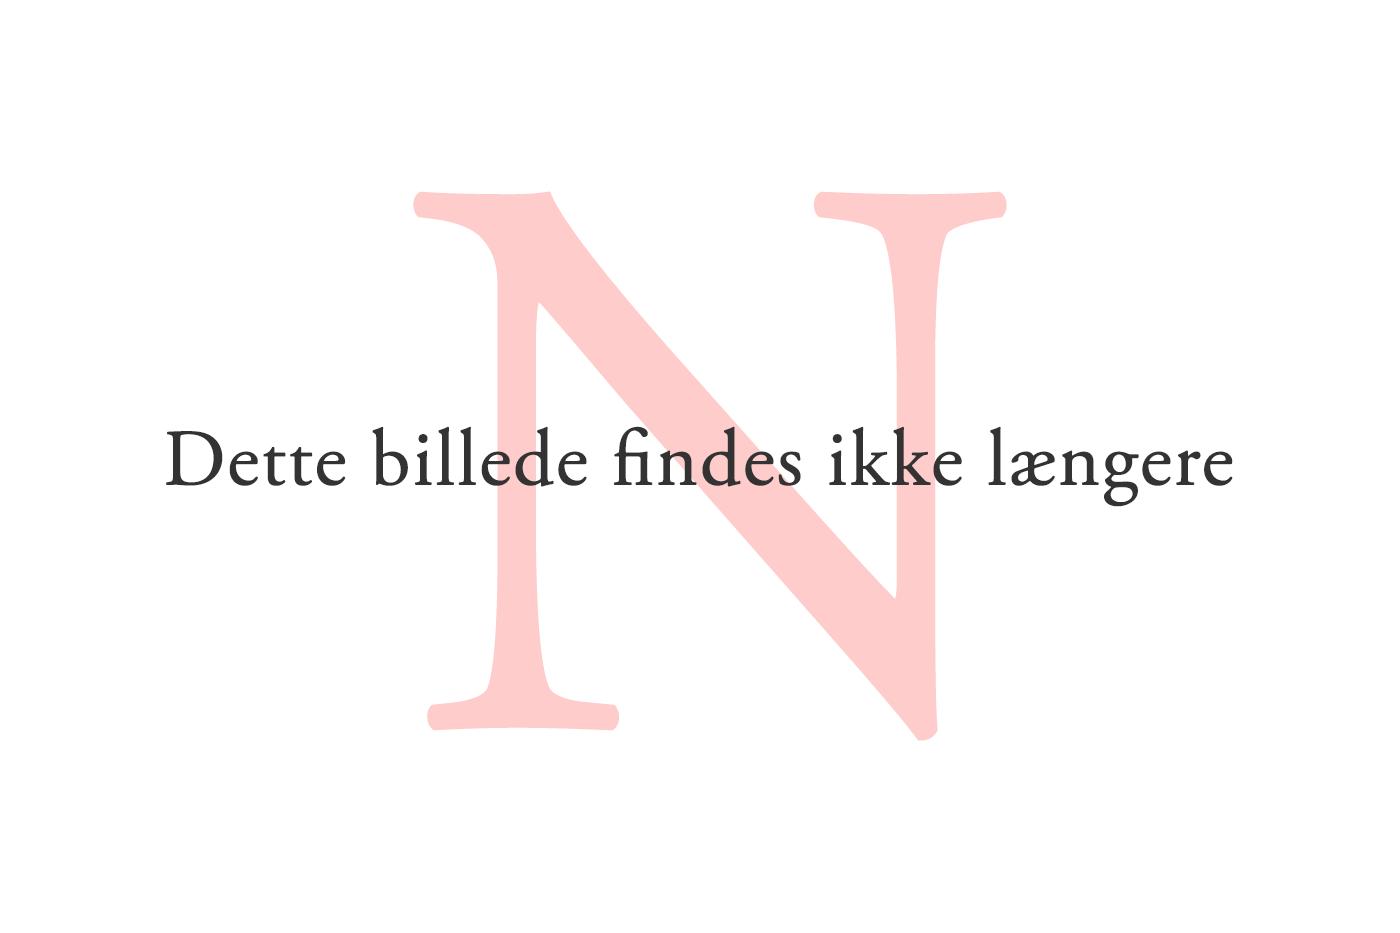 Et nyt projekt skal kortlægge danskernes madspild